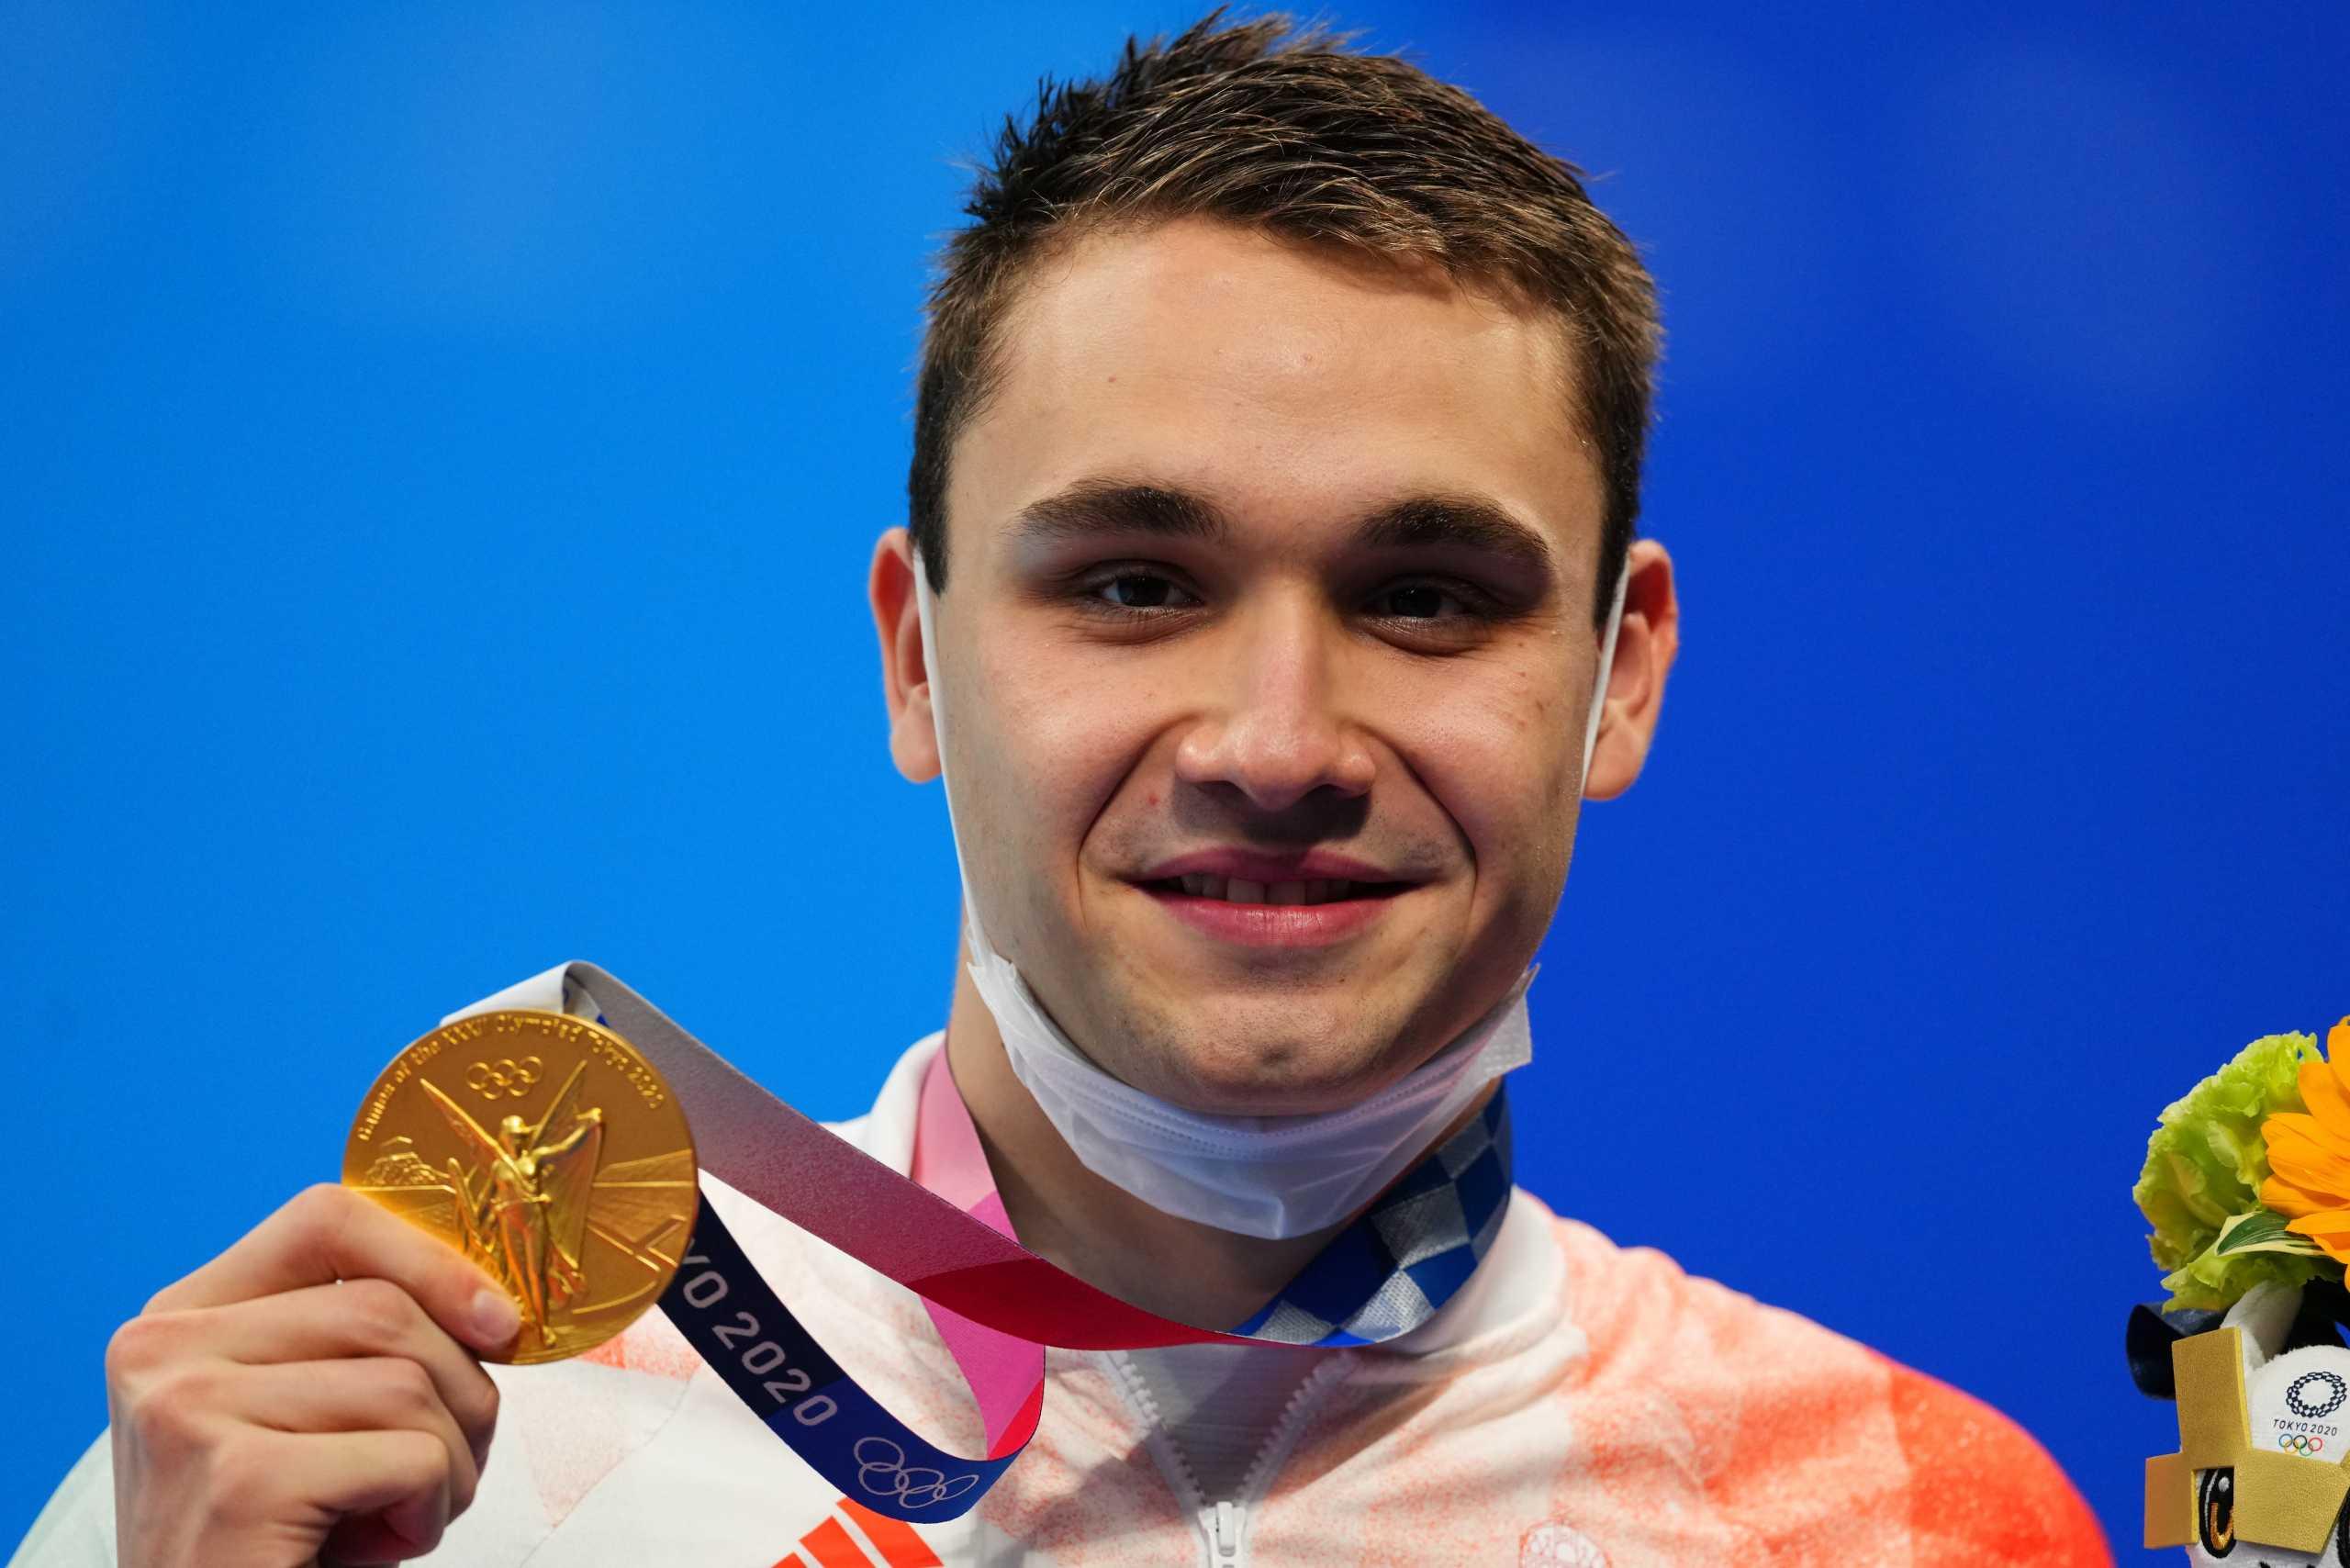 Ολυμπιακοί Αγώνες: Ο Ούγγρος Κριστόφ Μίλακ έσπασε το ρεκόρ του Μάικλ Φελπς